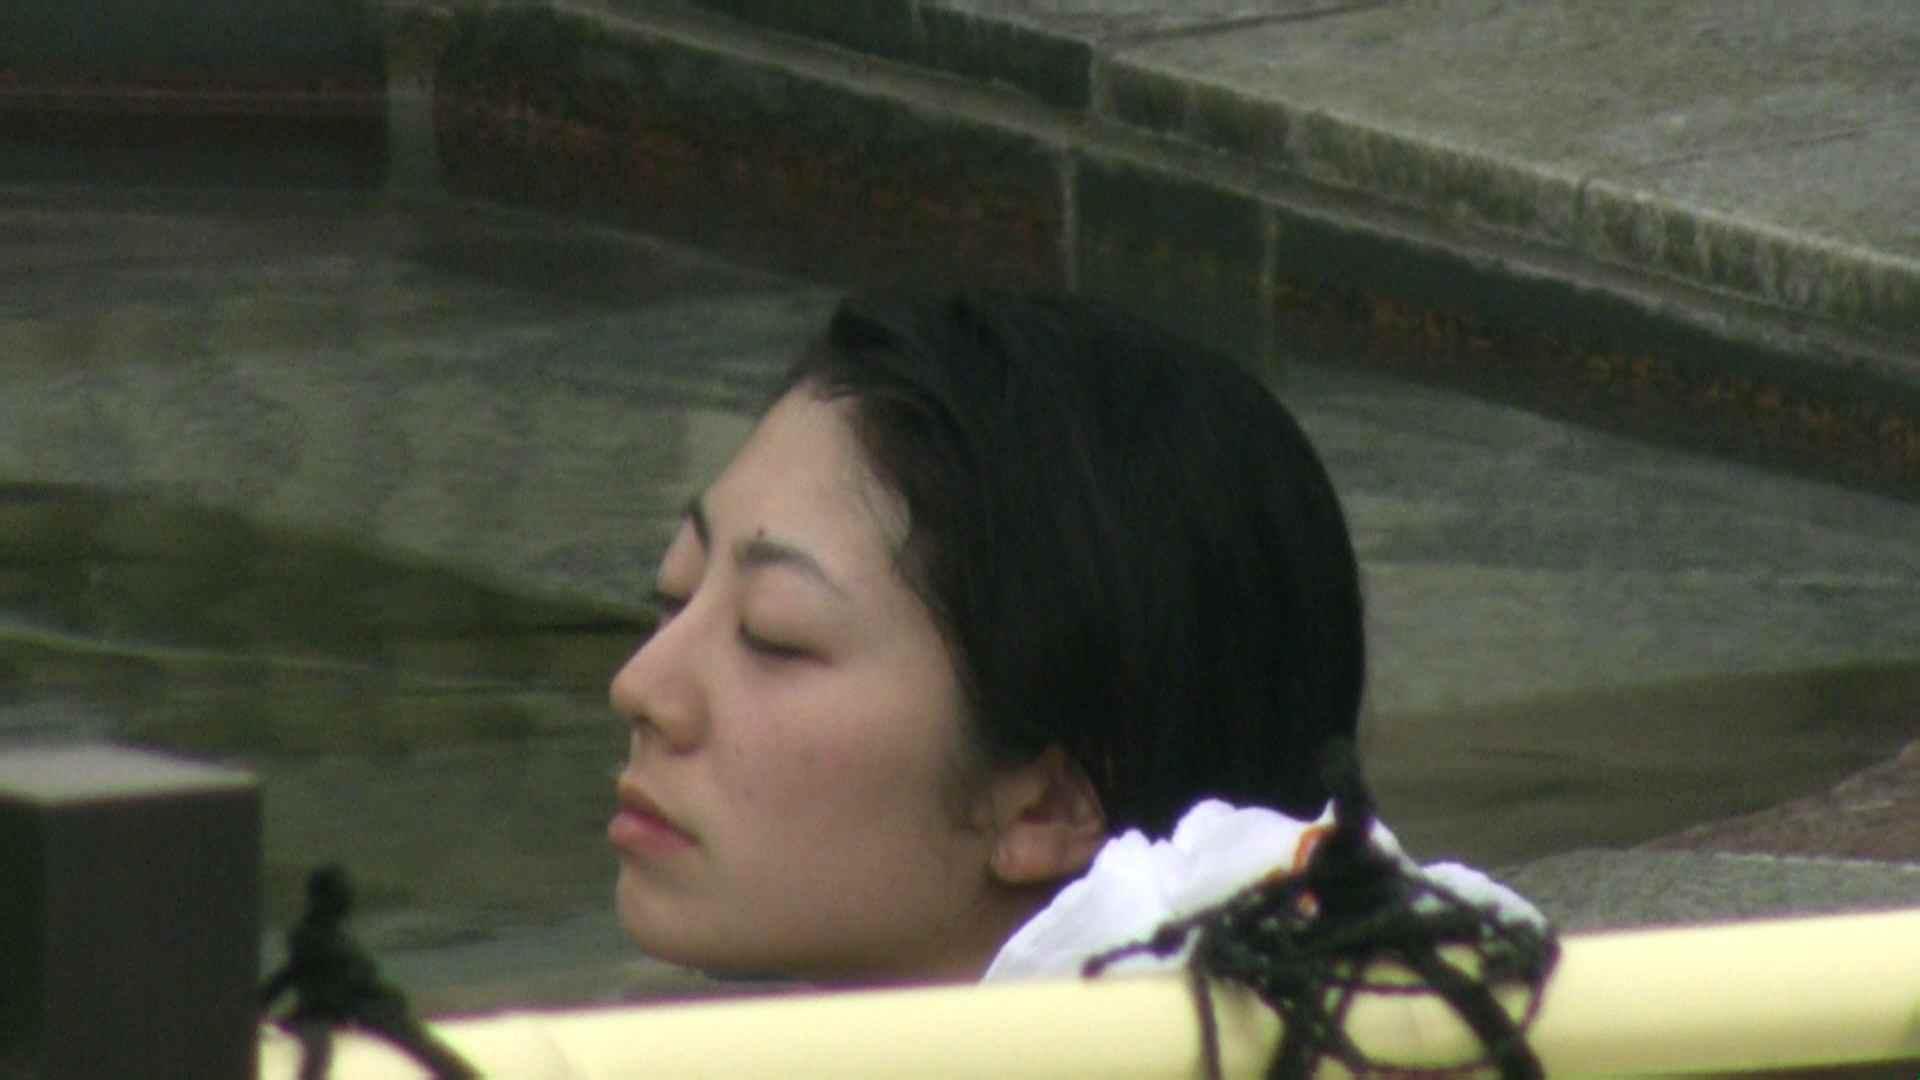 Aquaな露天風呂Vol.04 エッチな盗撮 おまんこ動画流出 84pic 68